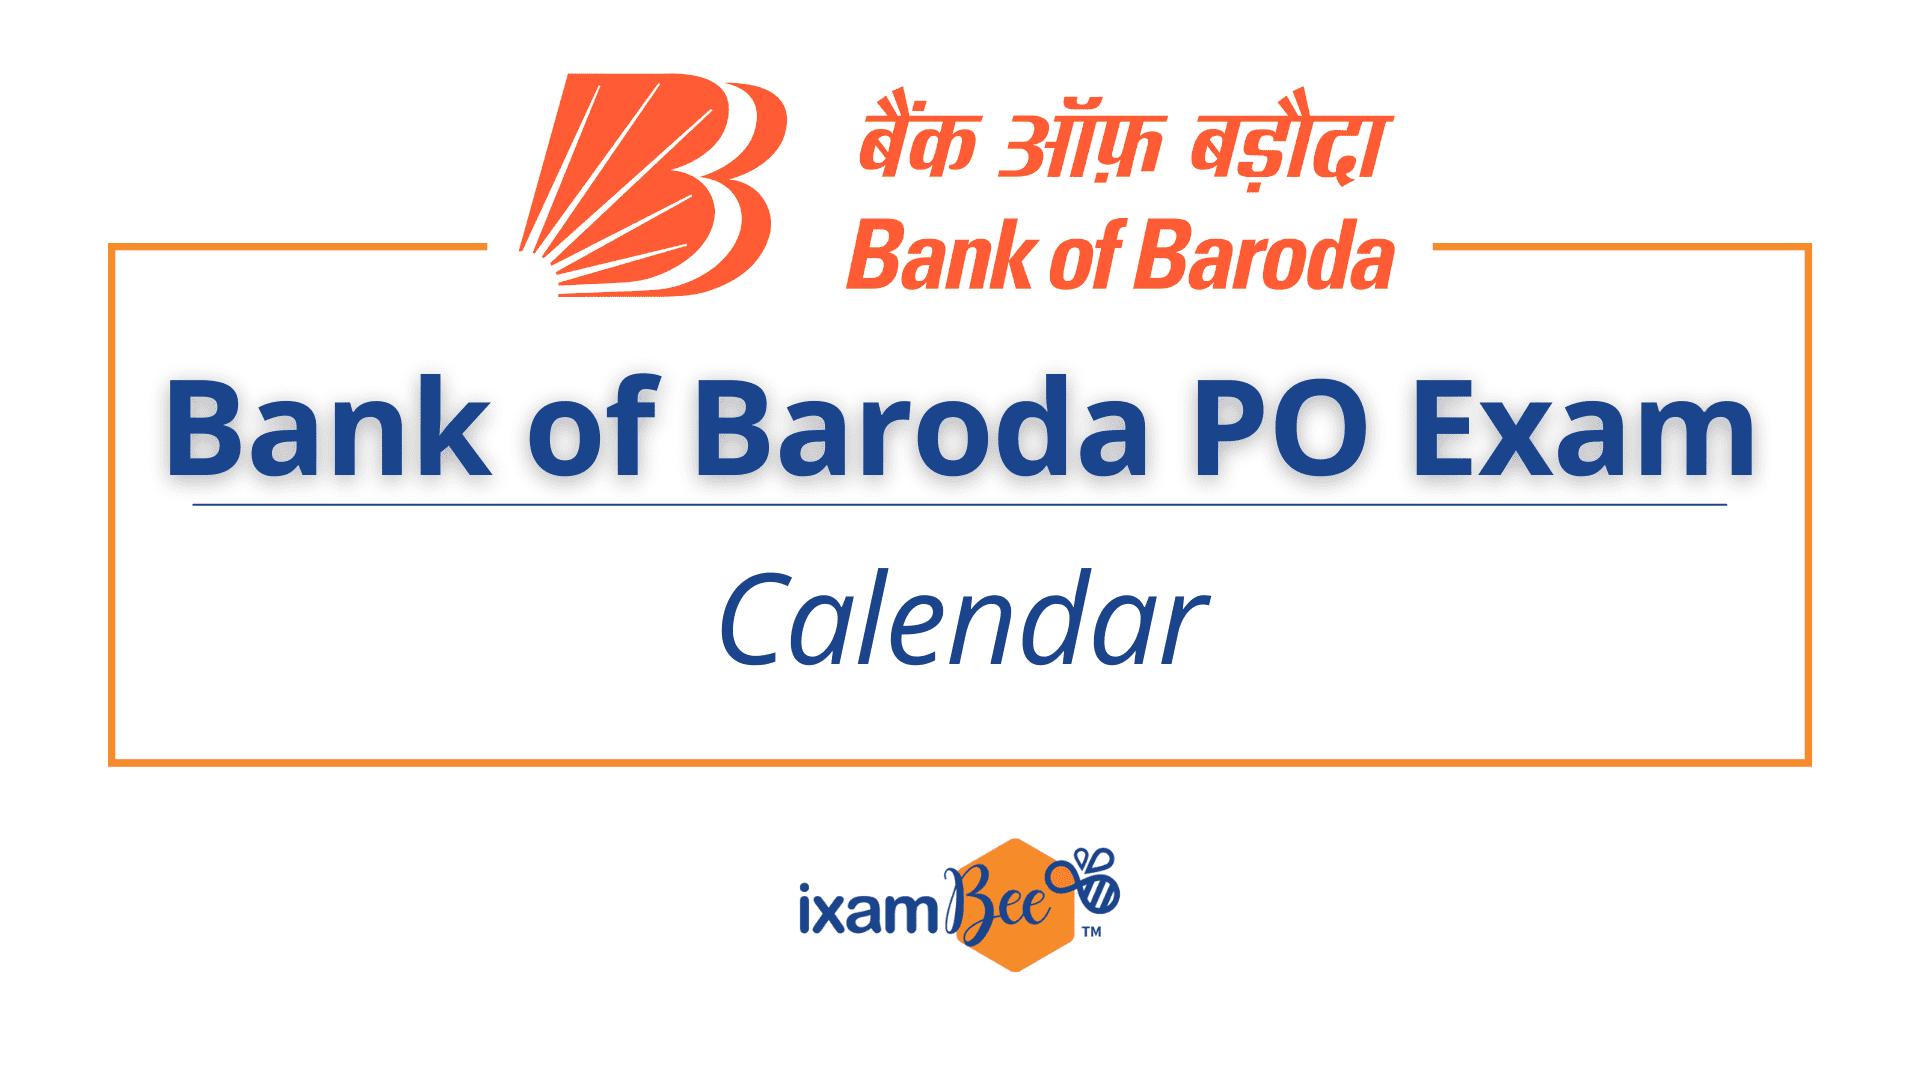 Bank of Baroda PO Exam Calendar